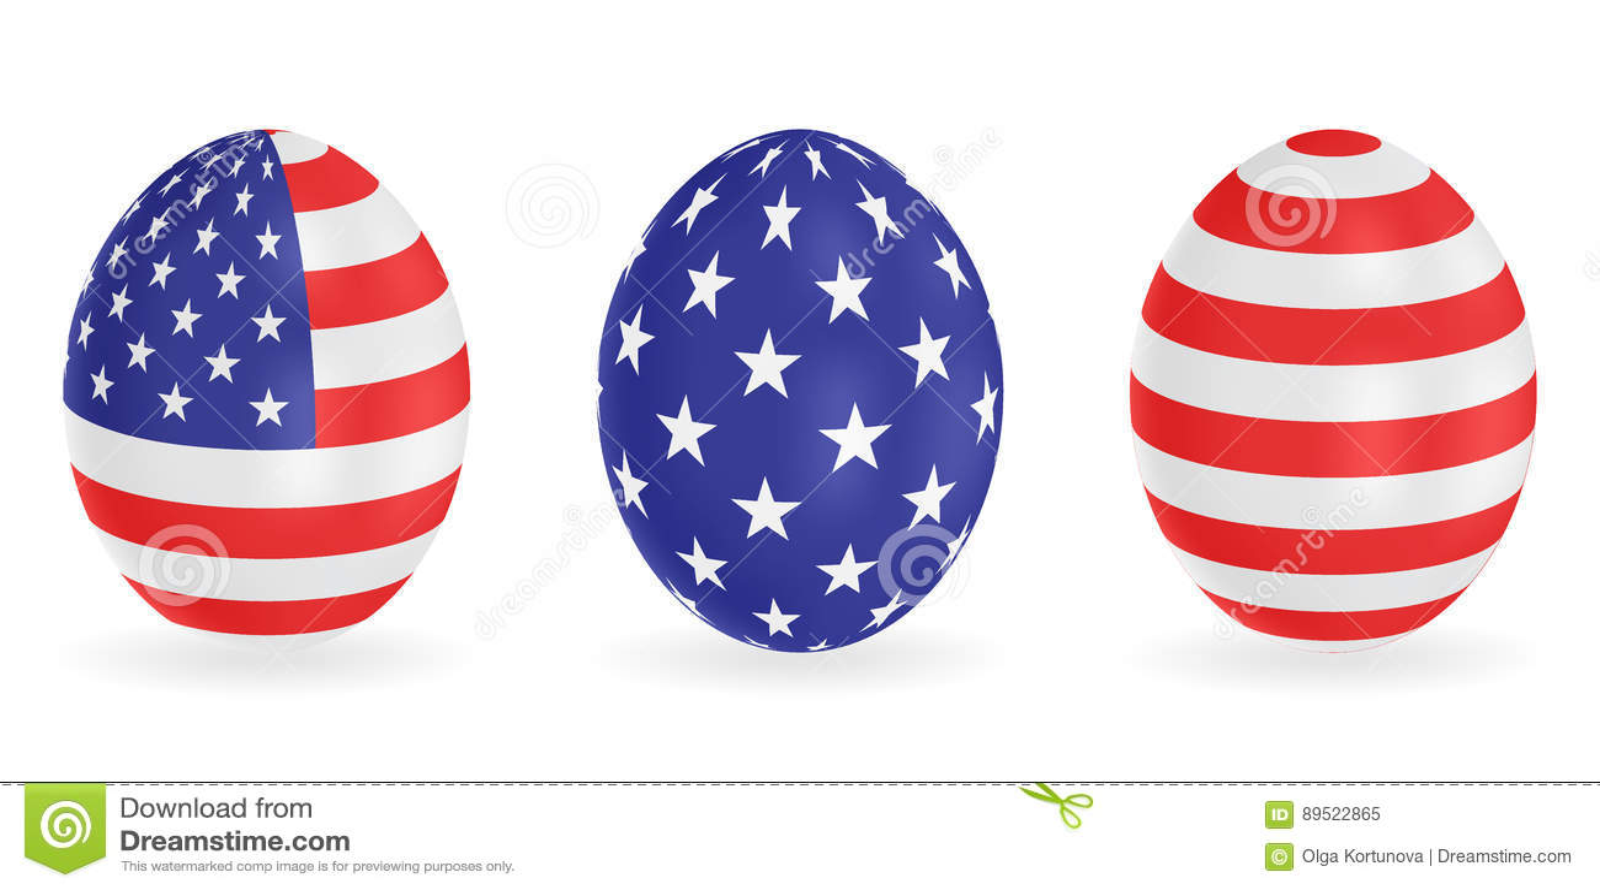 Ausgezeichnet Amerikanische Flagge Zu Färben Fotos - Beispiel ...